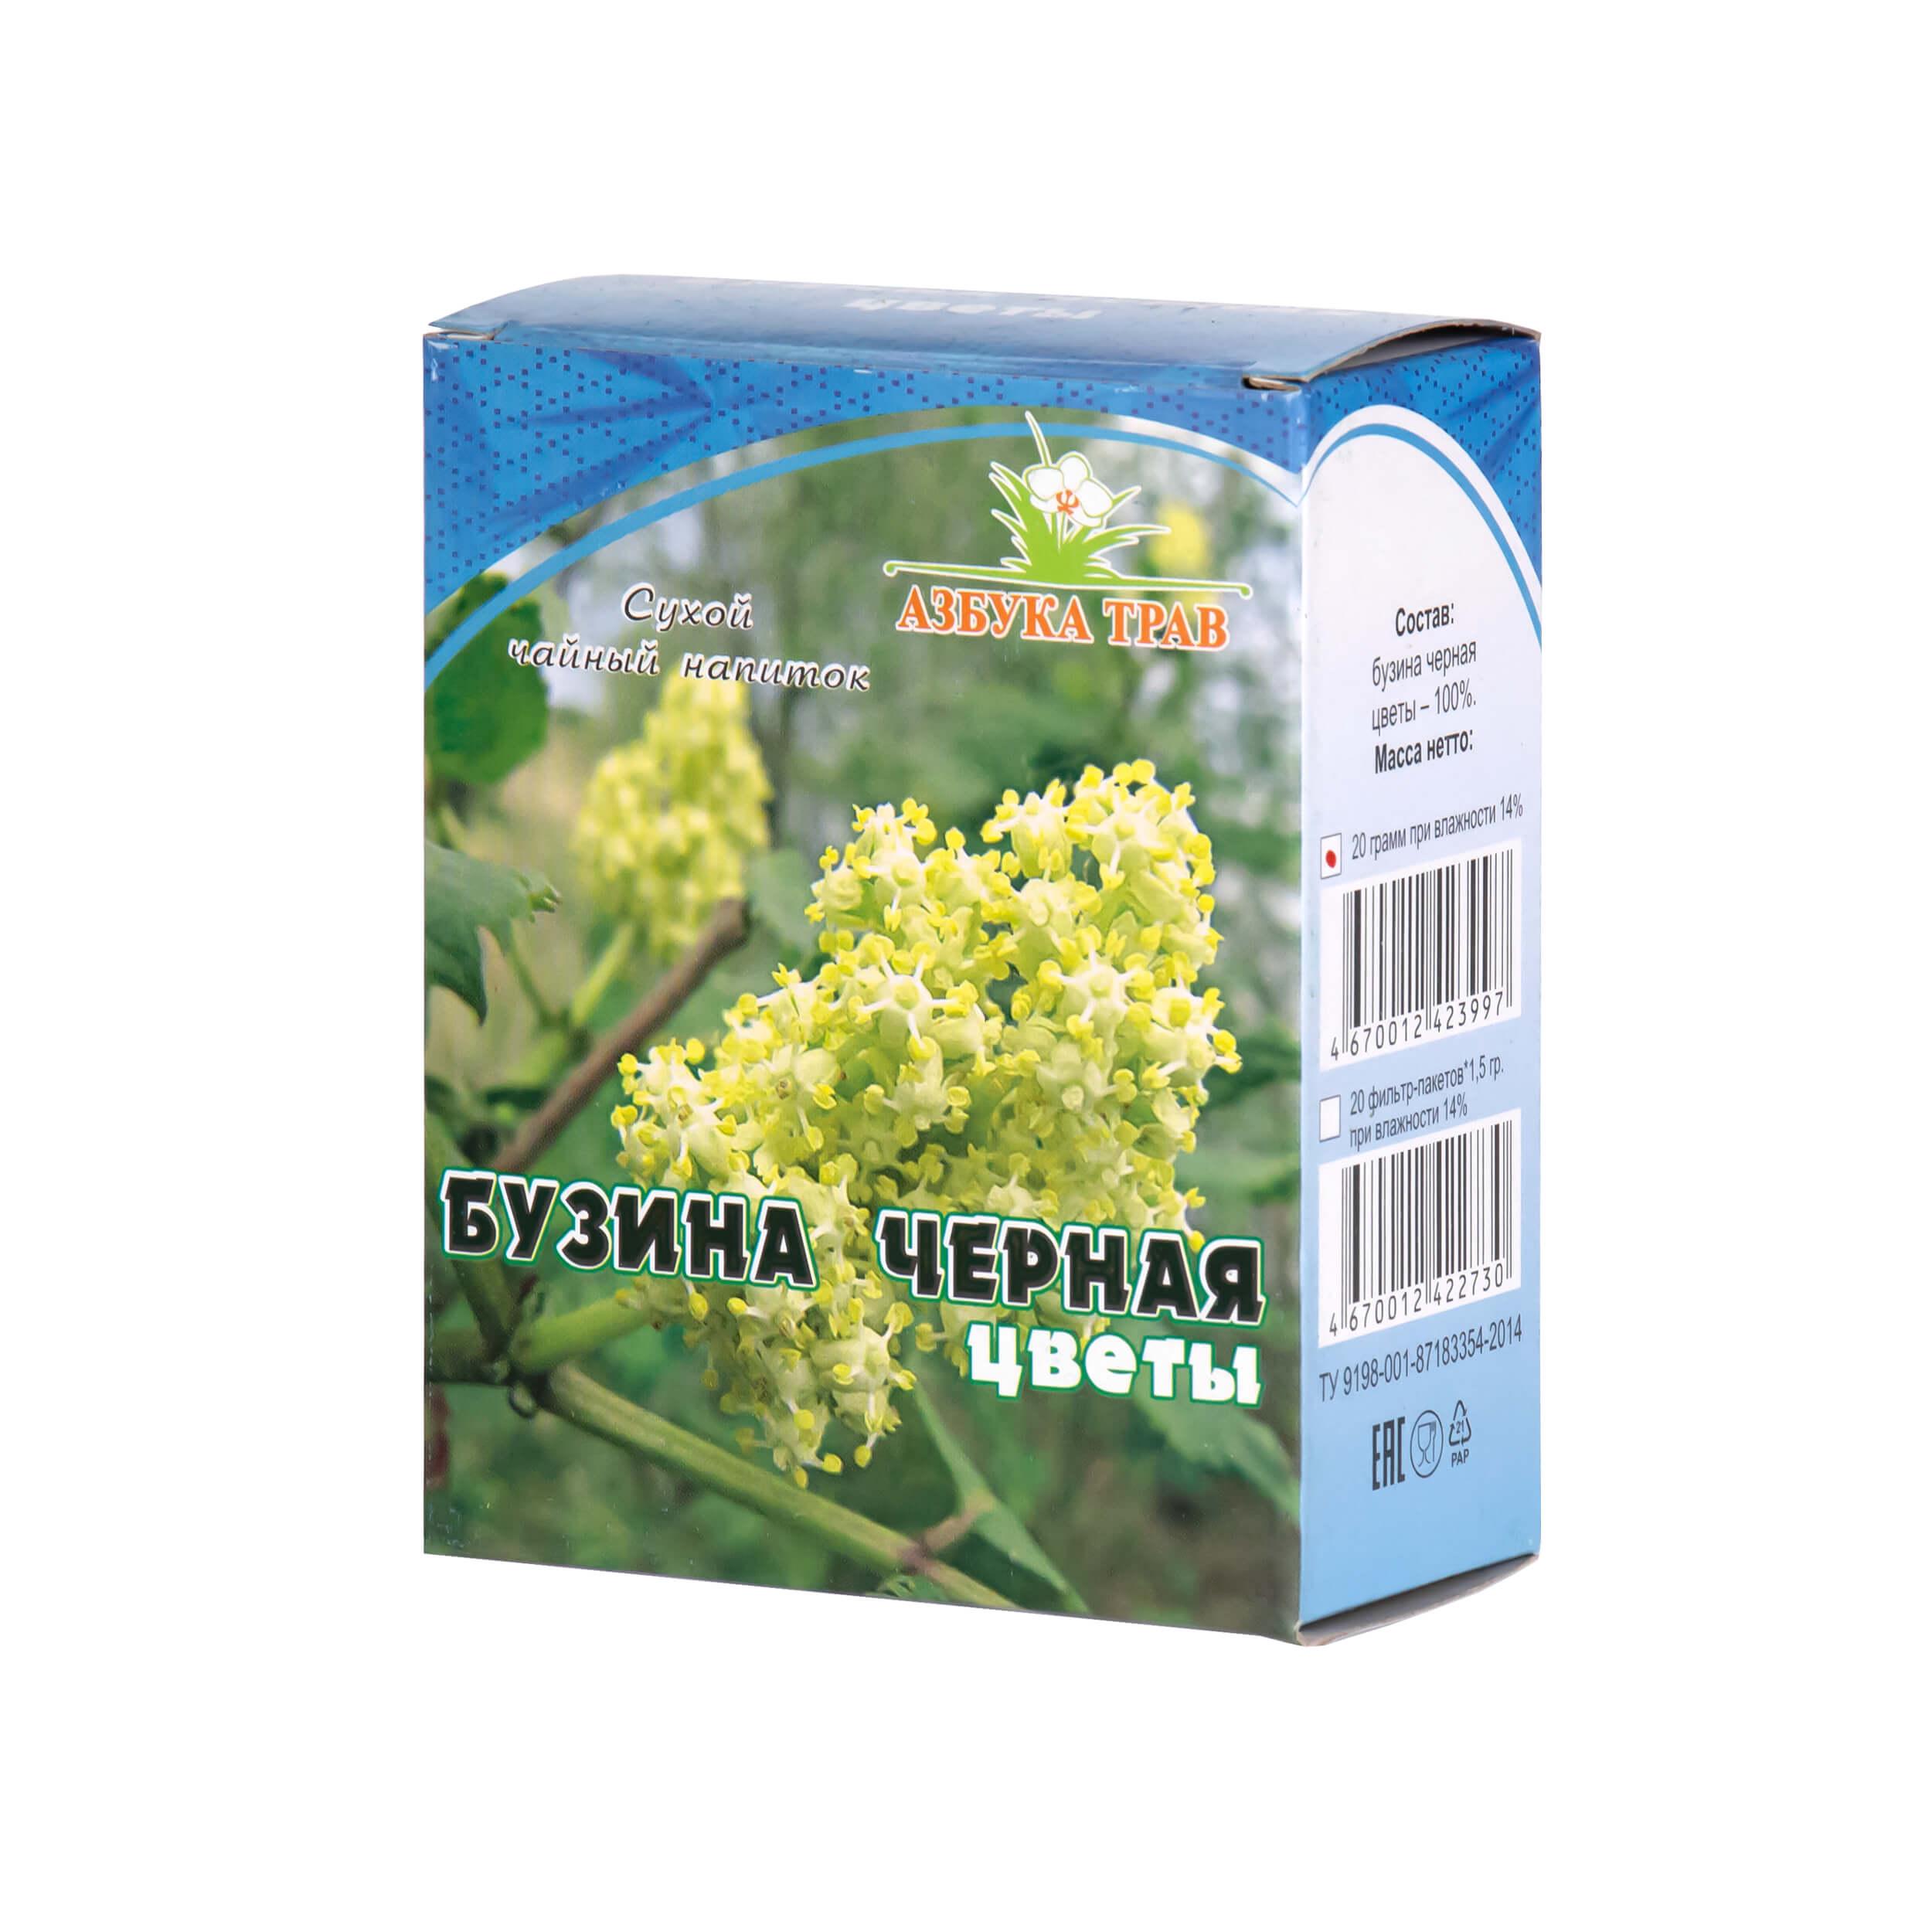 Бузина черная (цветы, 20 грамм) фото